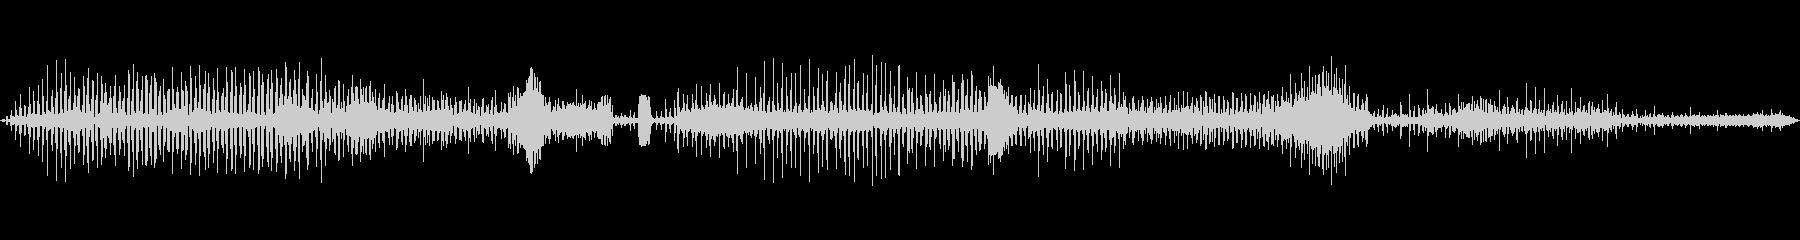 ラジオスキャン8の調整の未再生の波形